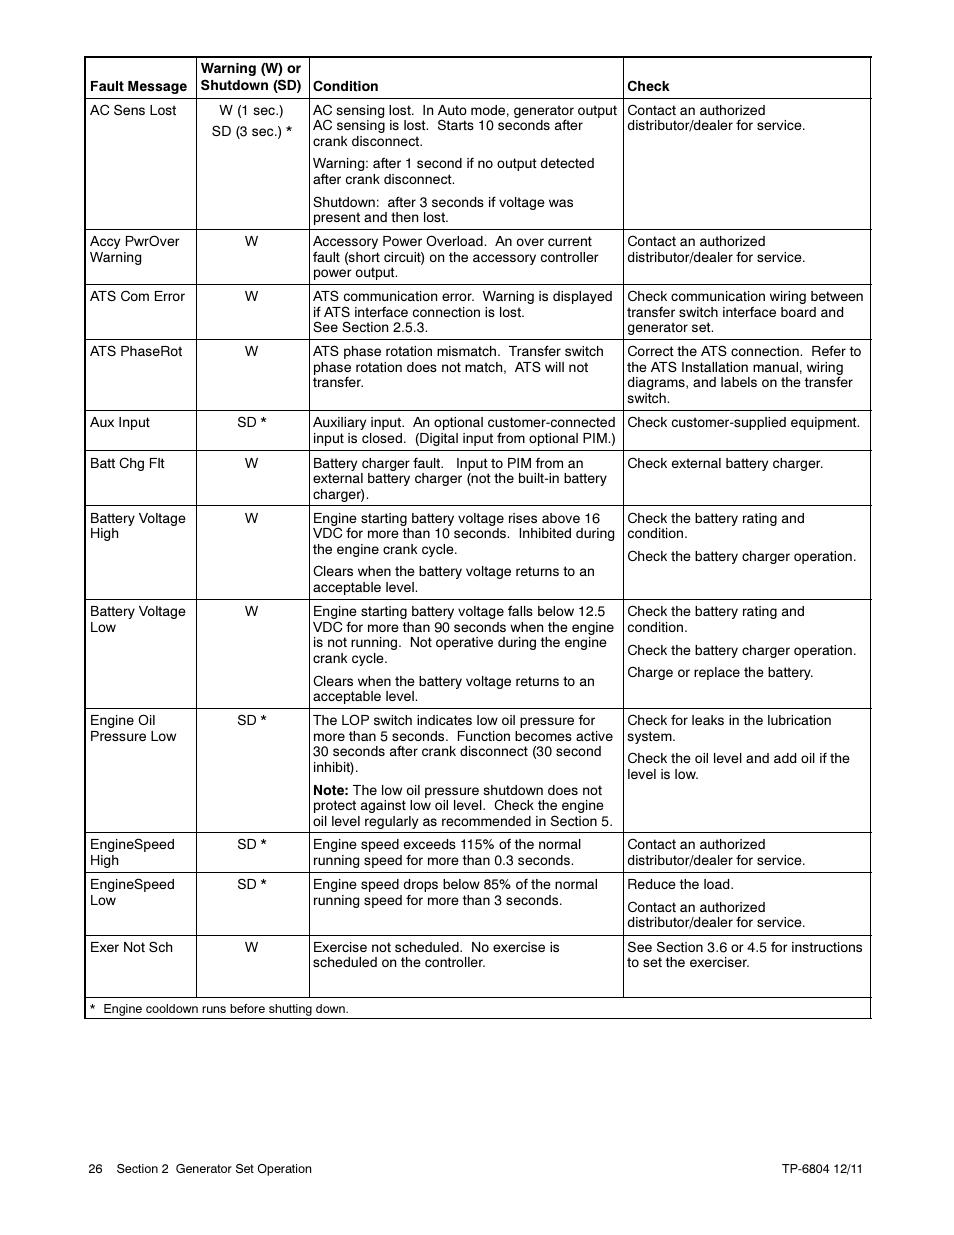 Kohler Command Wiring Diagram Gandul 457779119 – Kohler Wire Diagrams